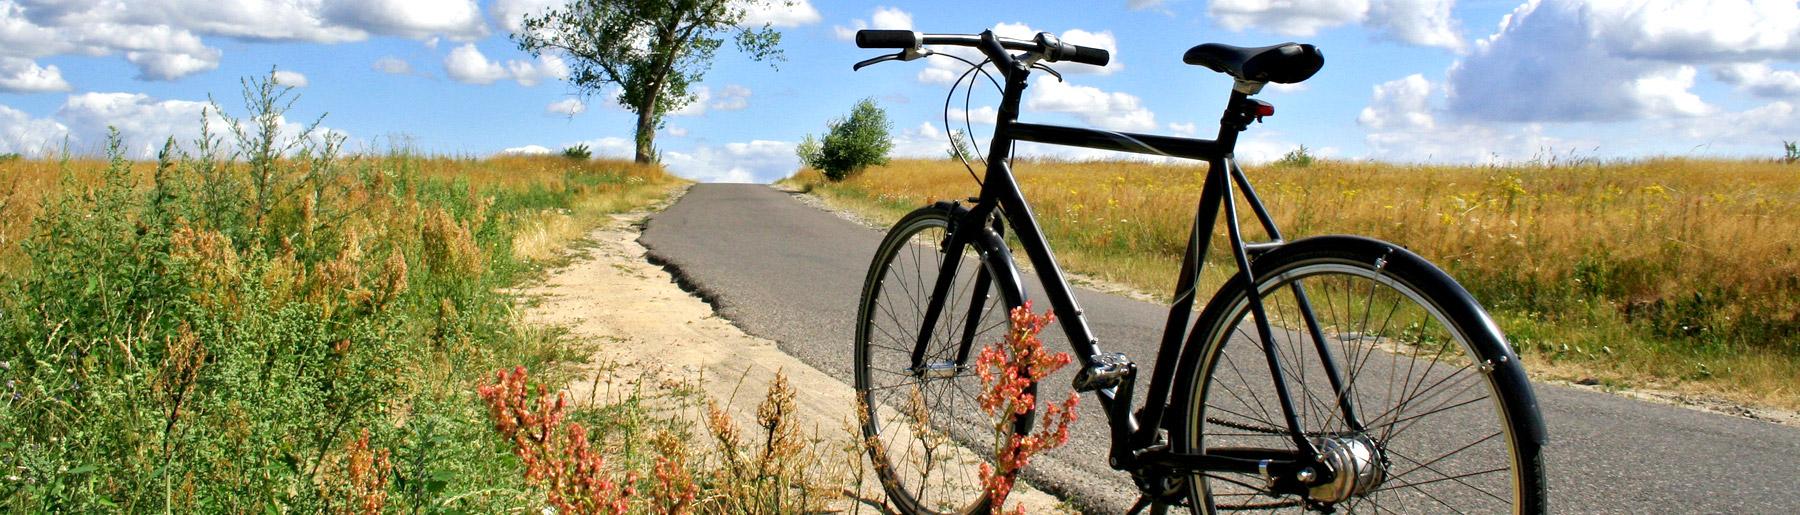 trekkingbikes_tourenraeder_nuernberg_erlangen_fuerth_schwabach_roth